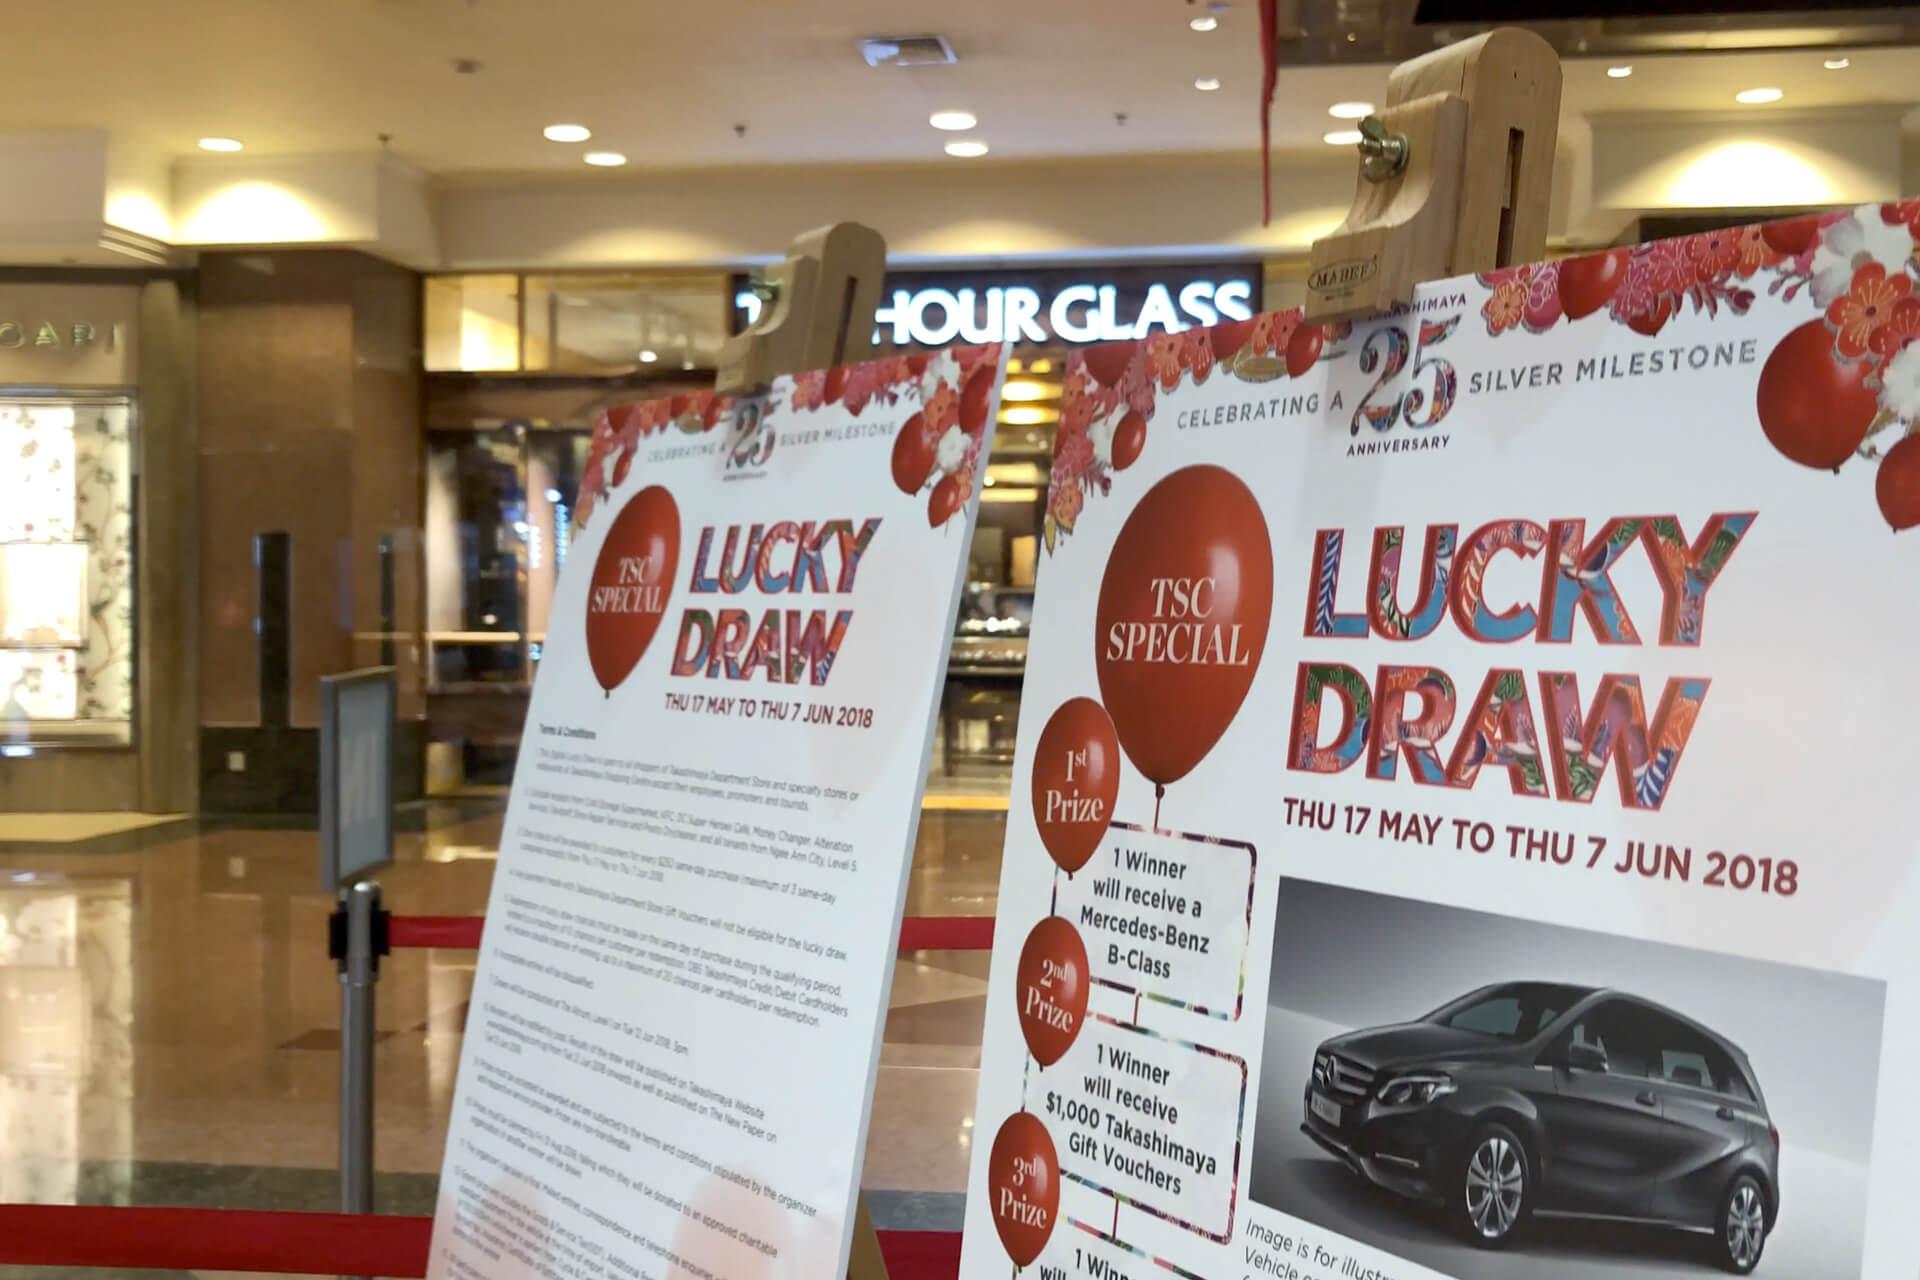 Retail lucky draw takashima 25 anniversary